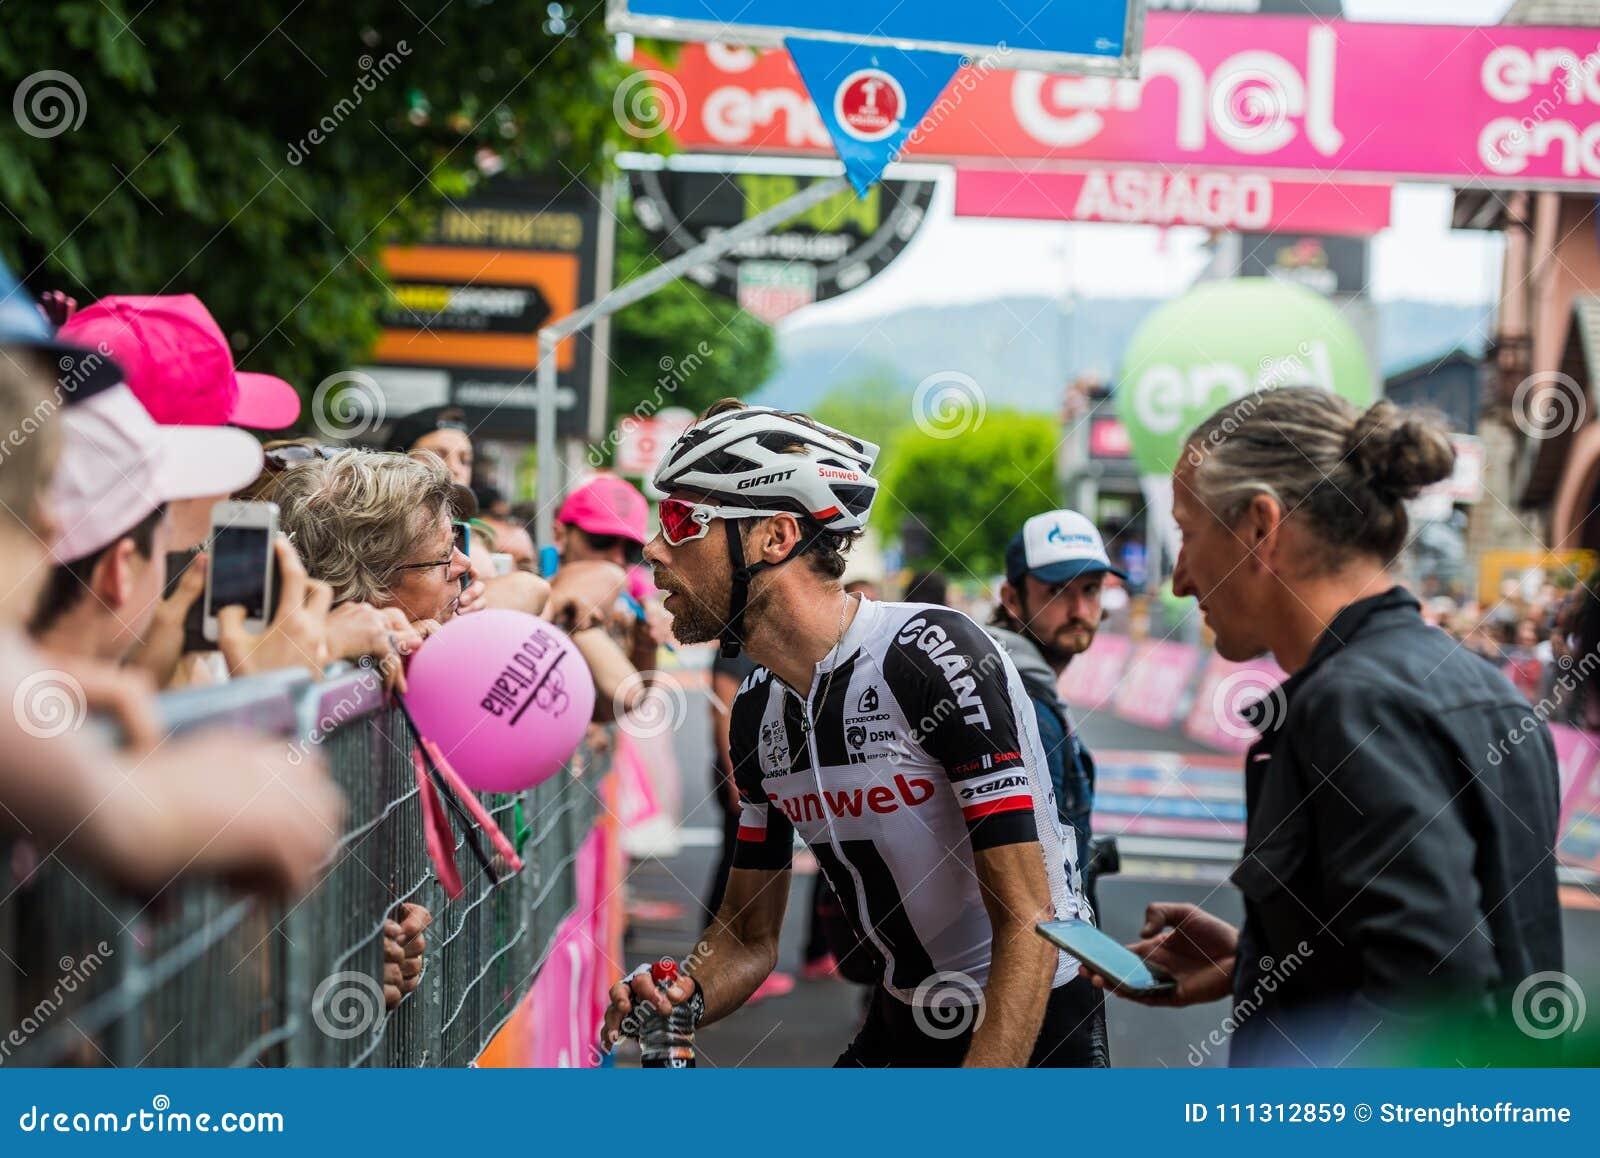 Asiago, Itália 27 de maio de 2017: O ciclismo profissional, equipe de Sunweb, encontrou seus fãs